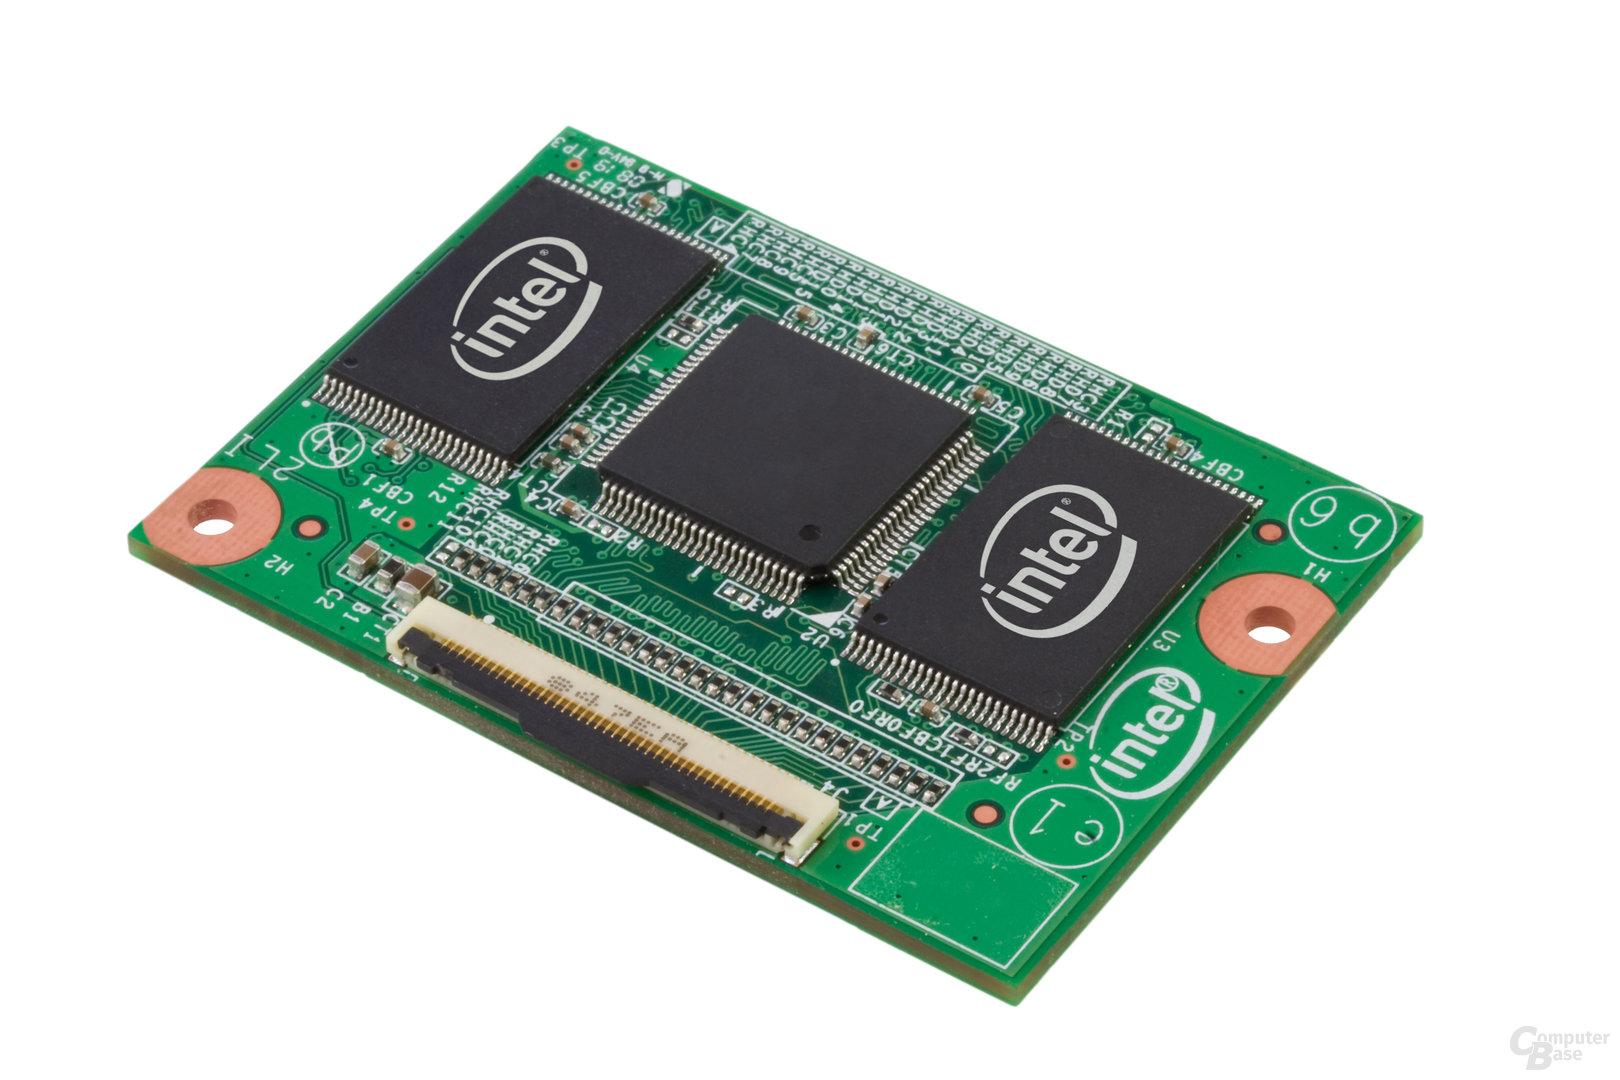 Intel Z-P230 PATA SSD